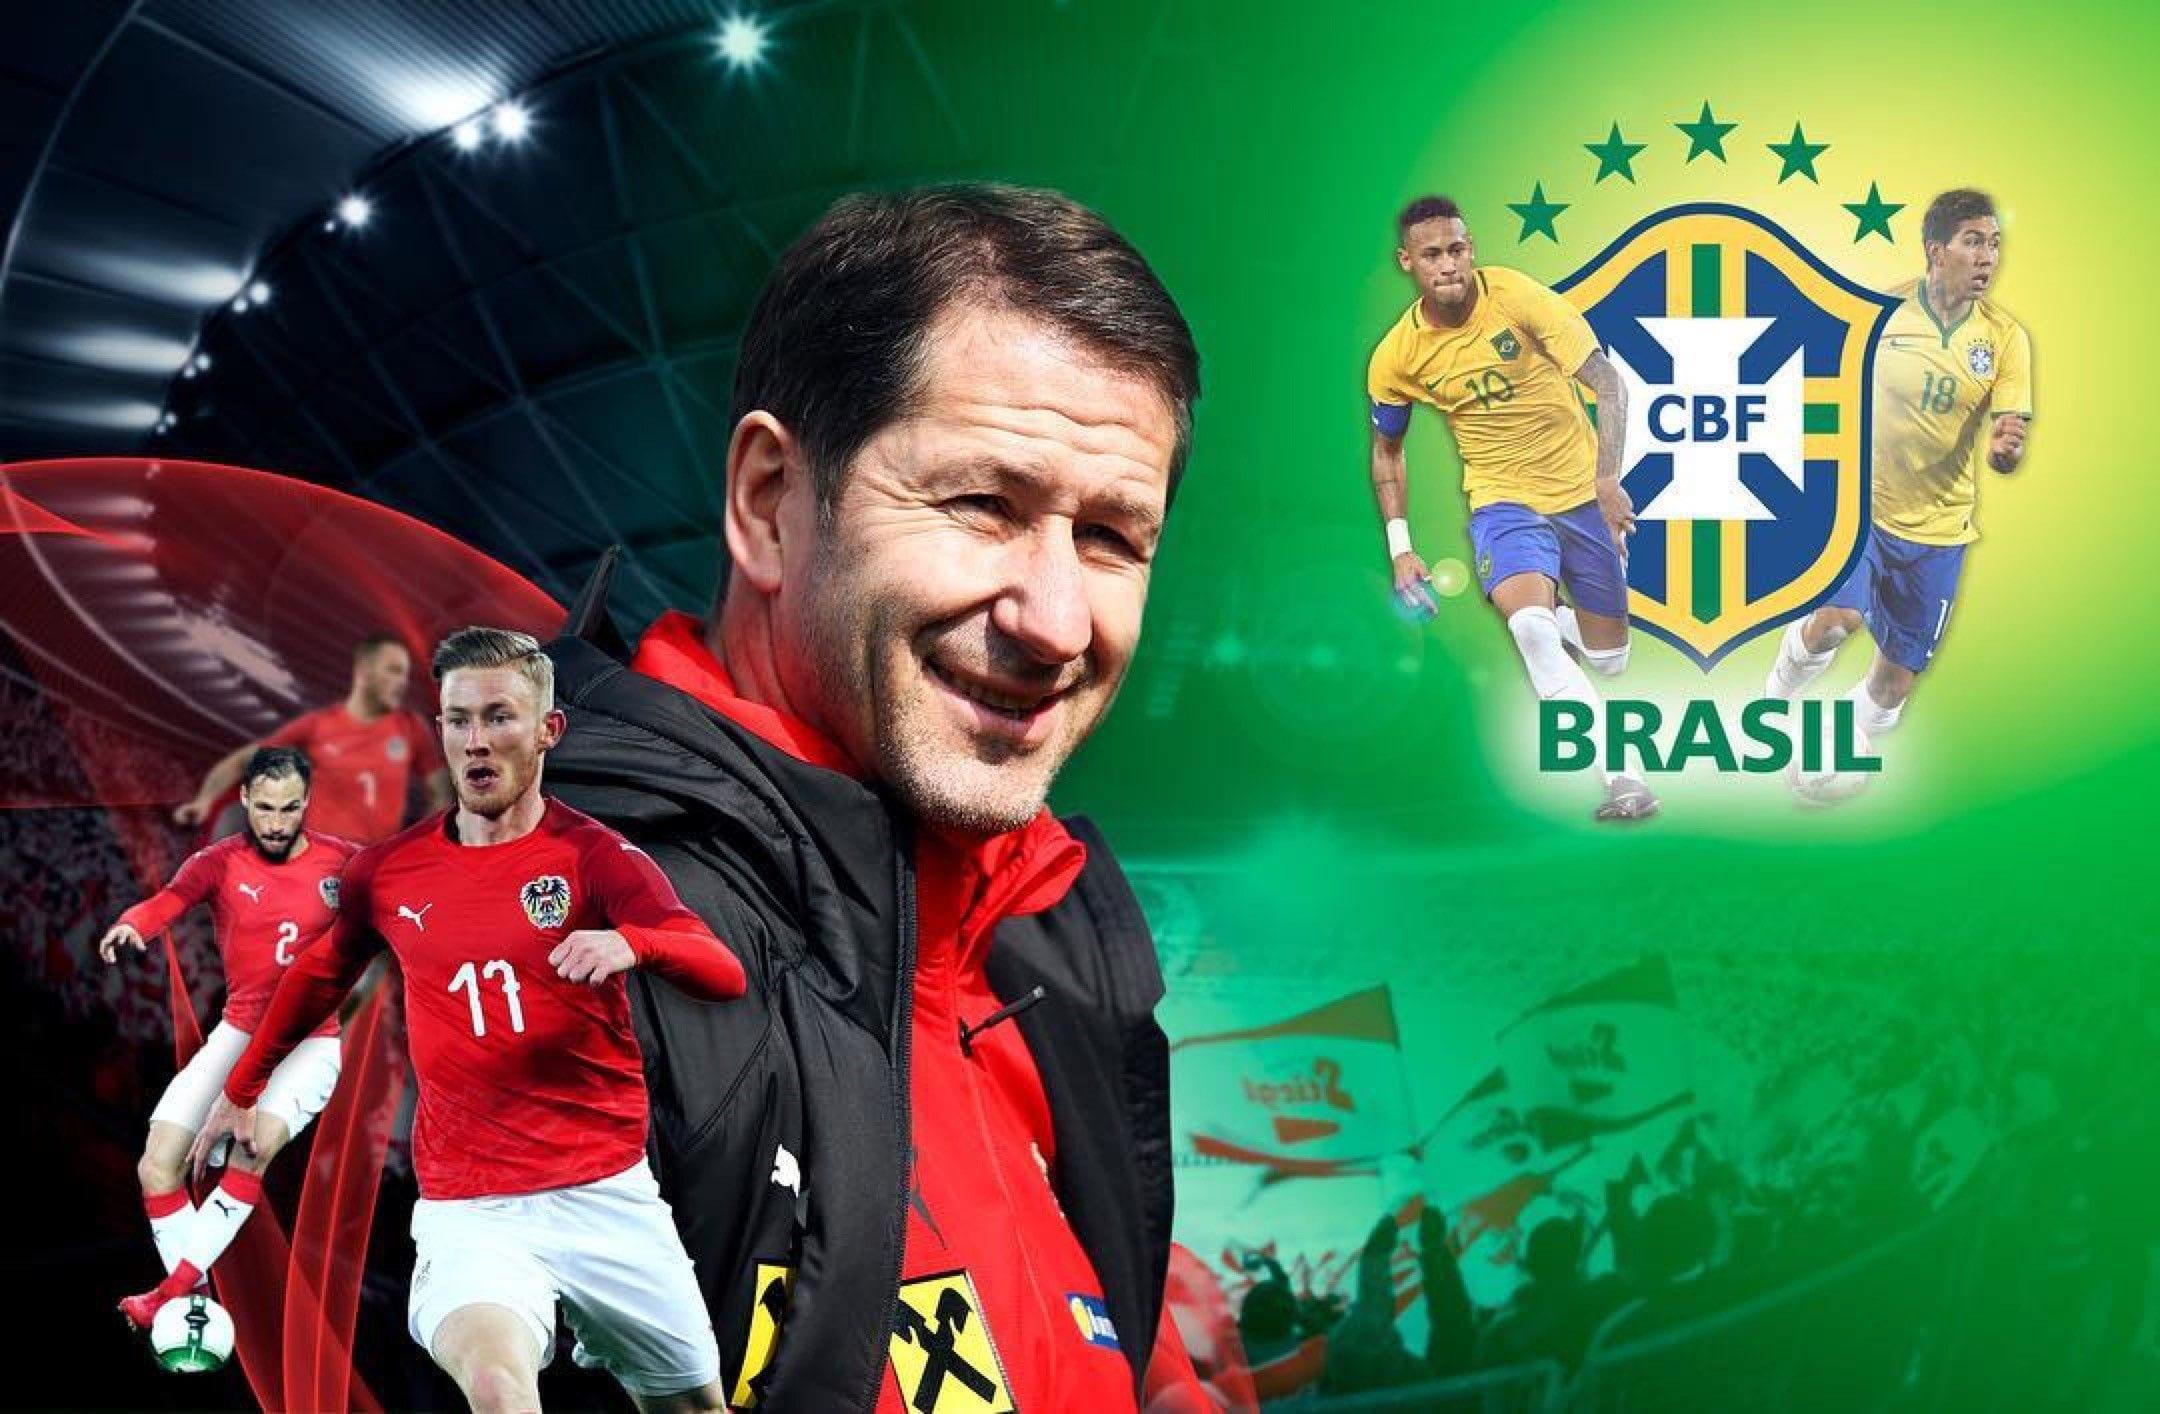 Technogymistä Brasilian ja Venäjän maajoukkueiden virallinen laitetoimittaja jalkapallon MM-kilpailuissa 2018